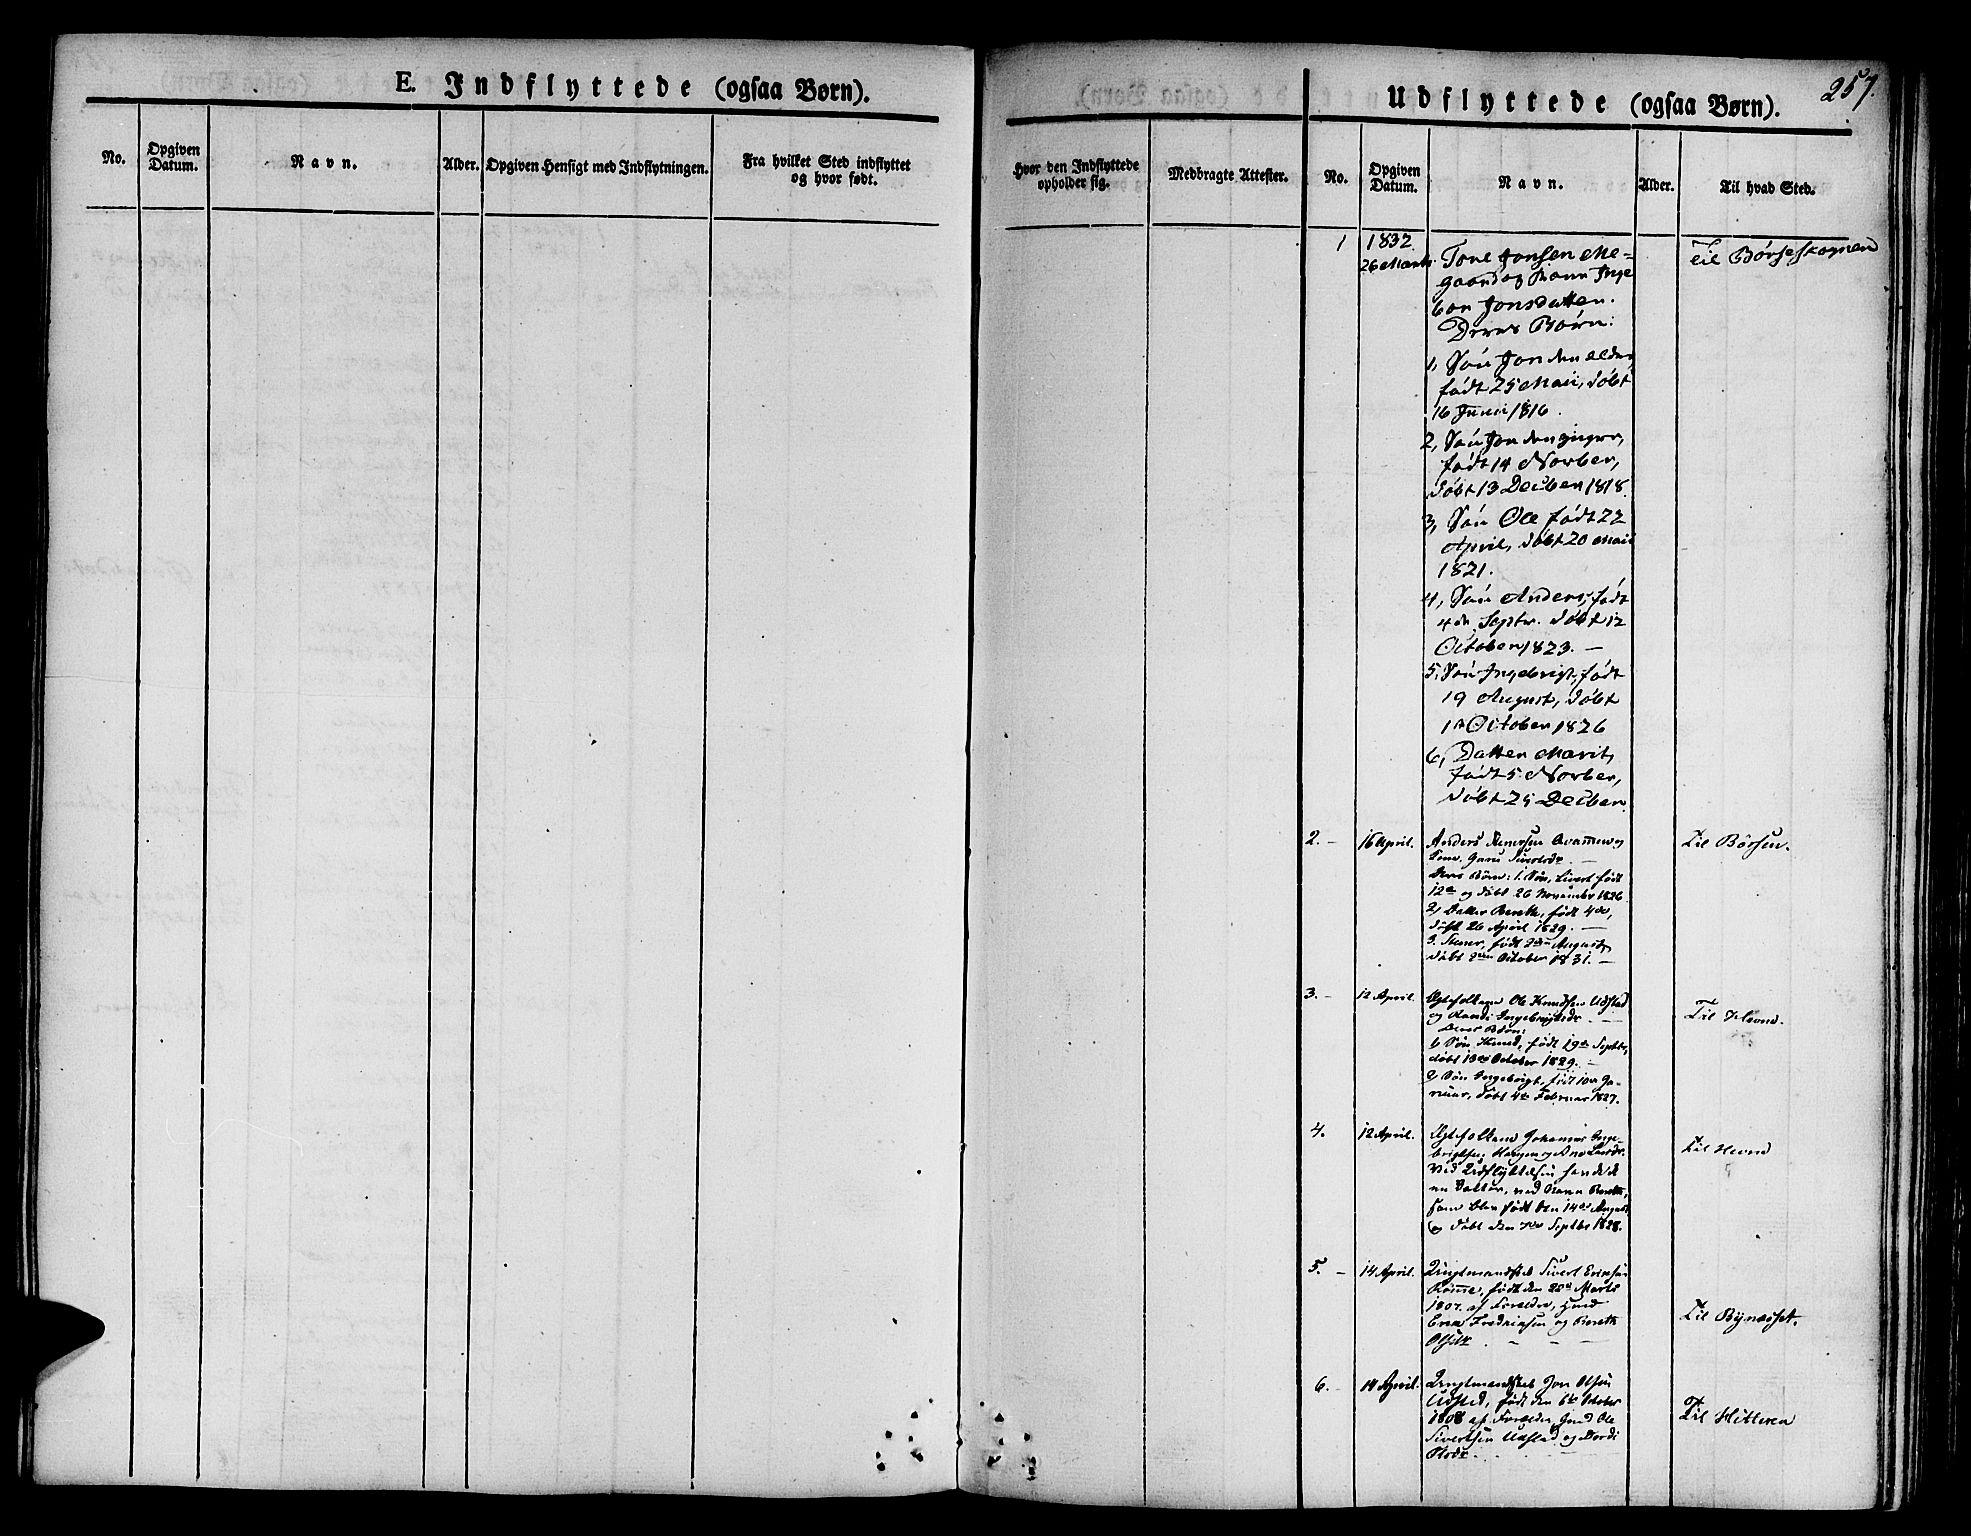 SAT, Ministerialprotokoller, klokkerbøker og fødselsregistre - Sør-Trøndelag, 668/L0804: Ministerialbok nr. 668A04, 1826-1839, s. 257